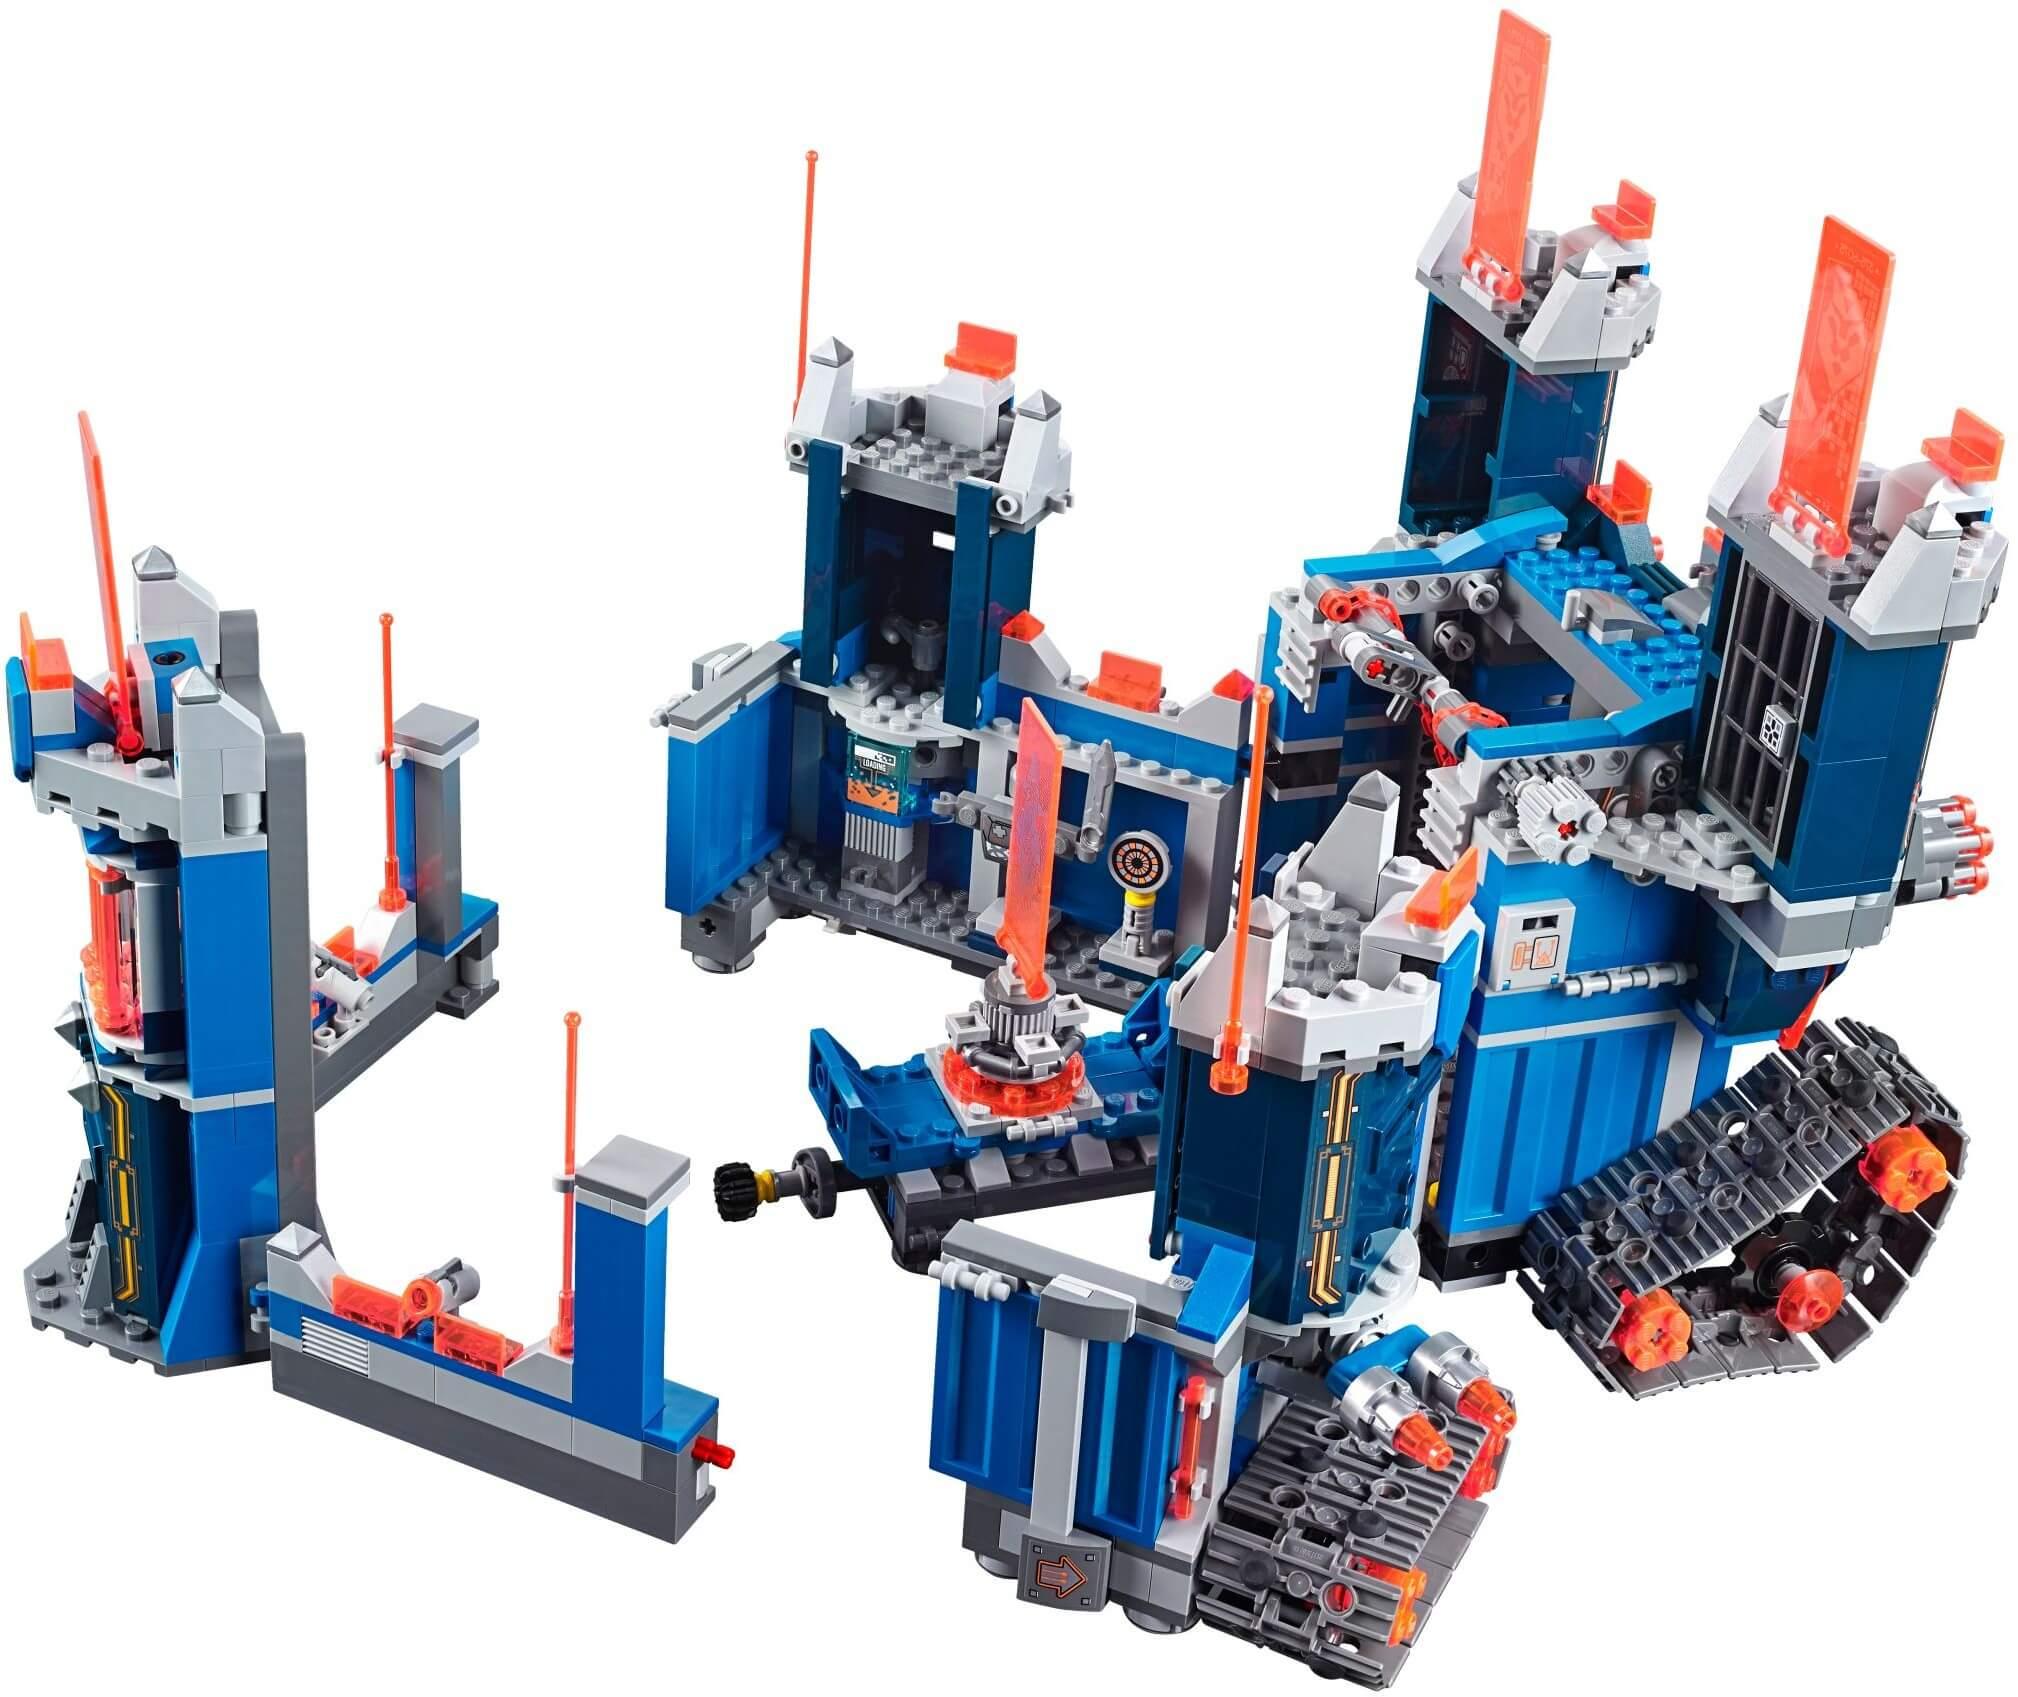 Mua đồ chơi LEGO 70324 - LEGO Nexo Knights 70324 - Bảo vệ Thư viện của Merlok (LEGO Nexo Knights Merlok's Library 2.0 70324)